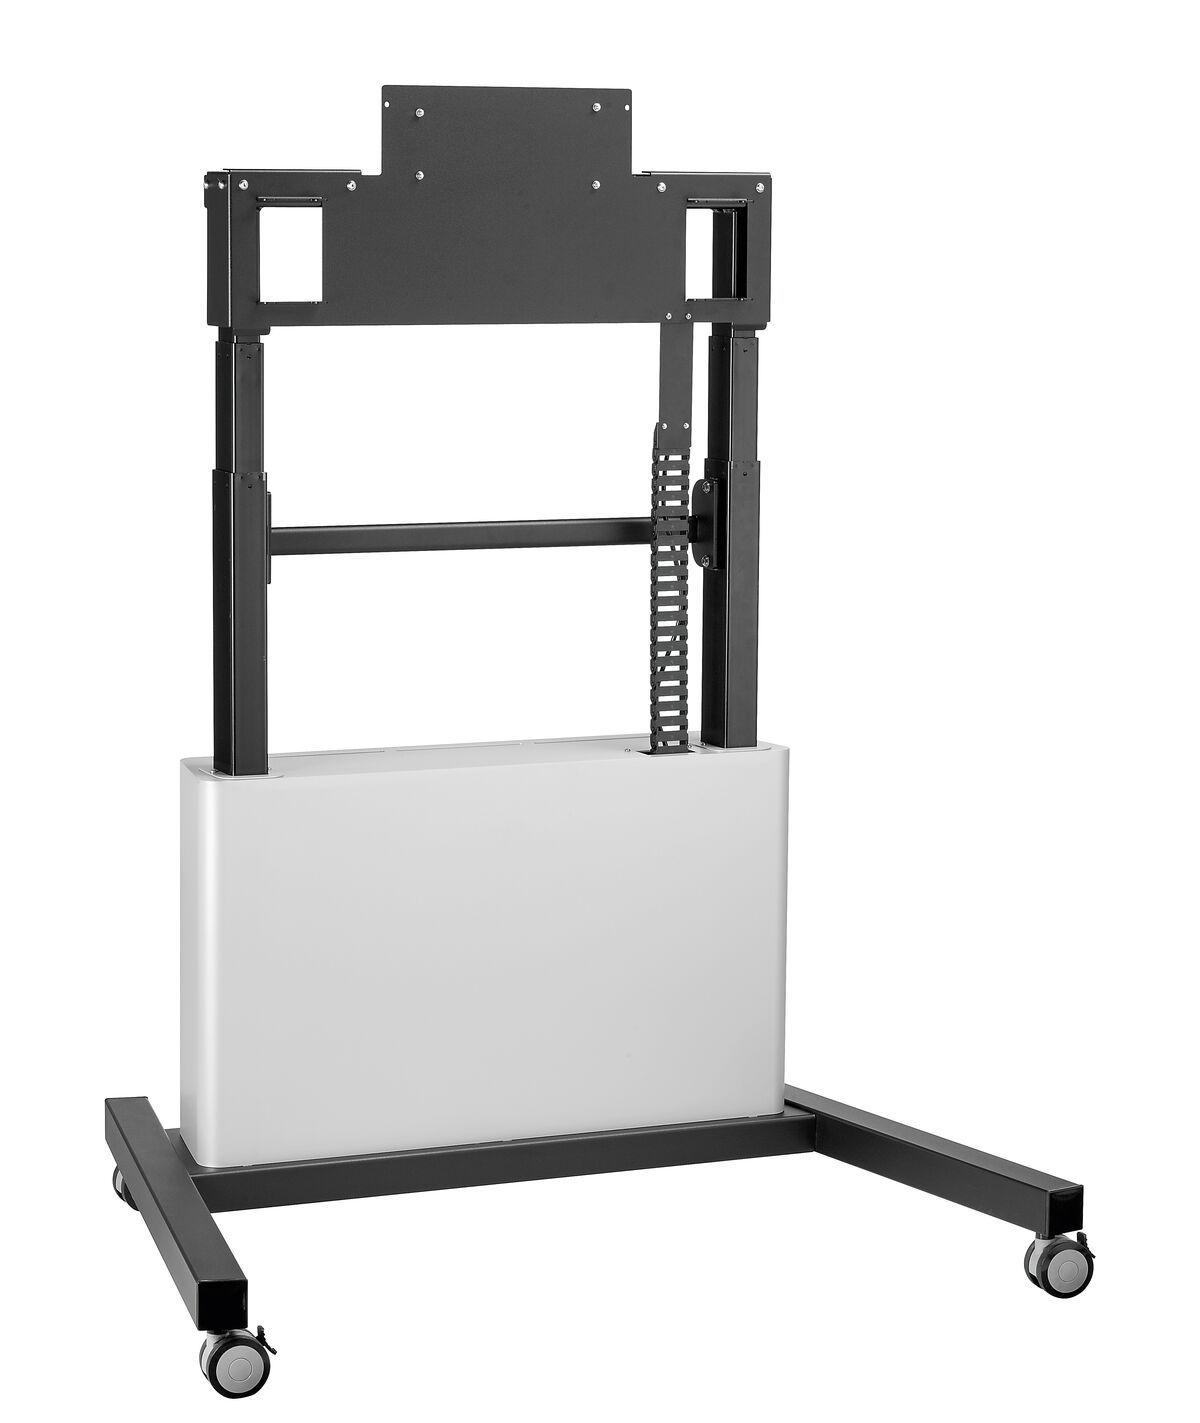 Vogel's PFTE 7111 Display-Wagen motorisiert mit Schrank - Product